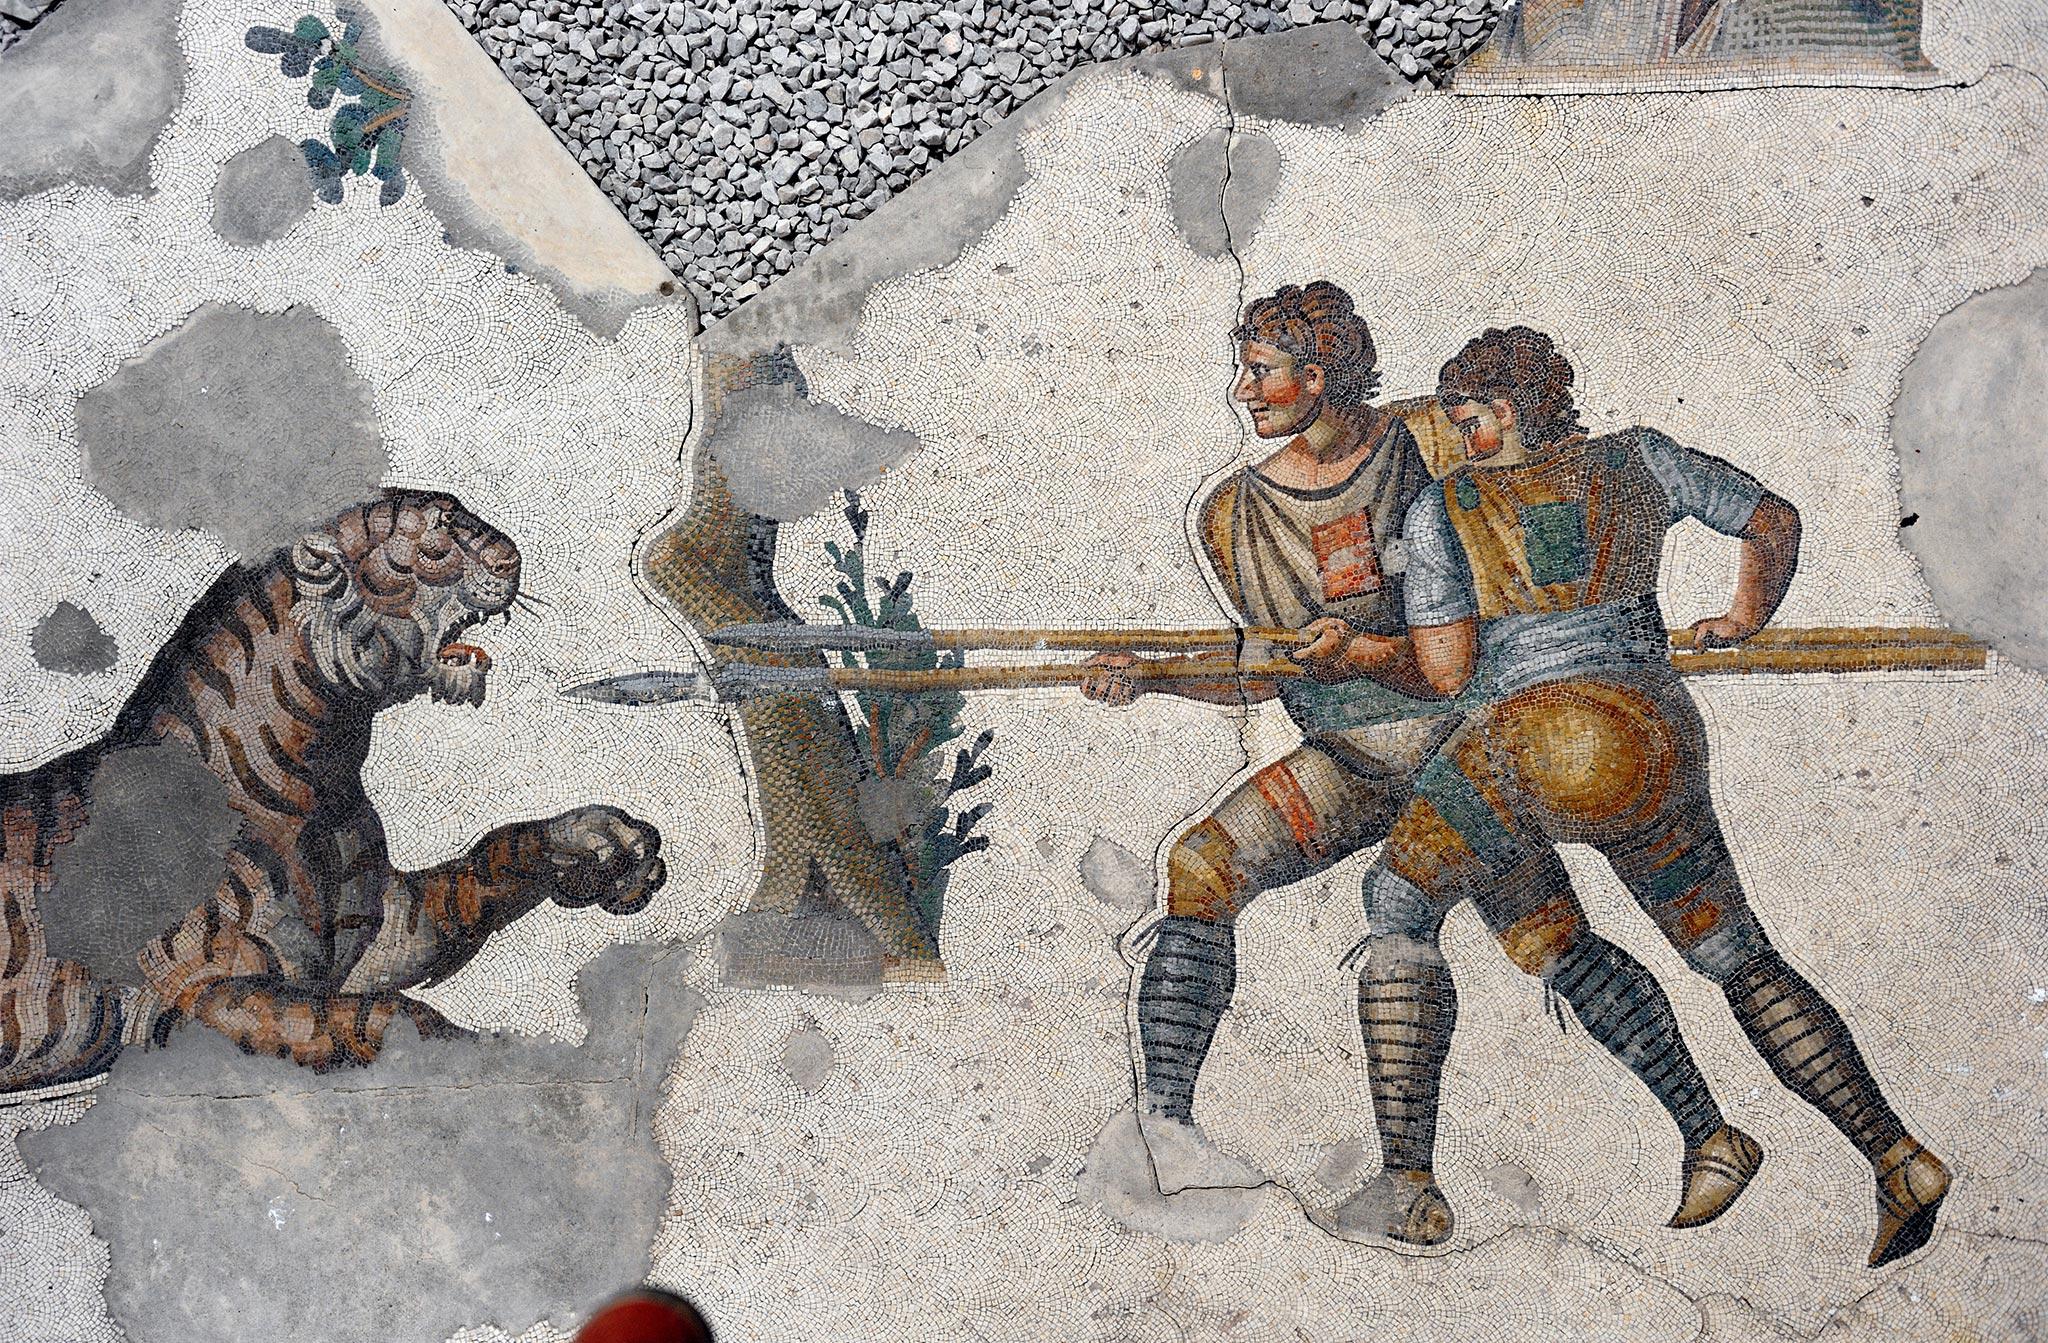 Chasse au tigre: Deux chasseurs avec de longues lances se débattent avec un tigre lancé vers eux.  Le Musée de la mosaïque du Grand Palais à Istanbul